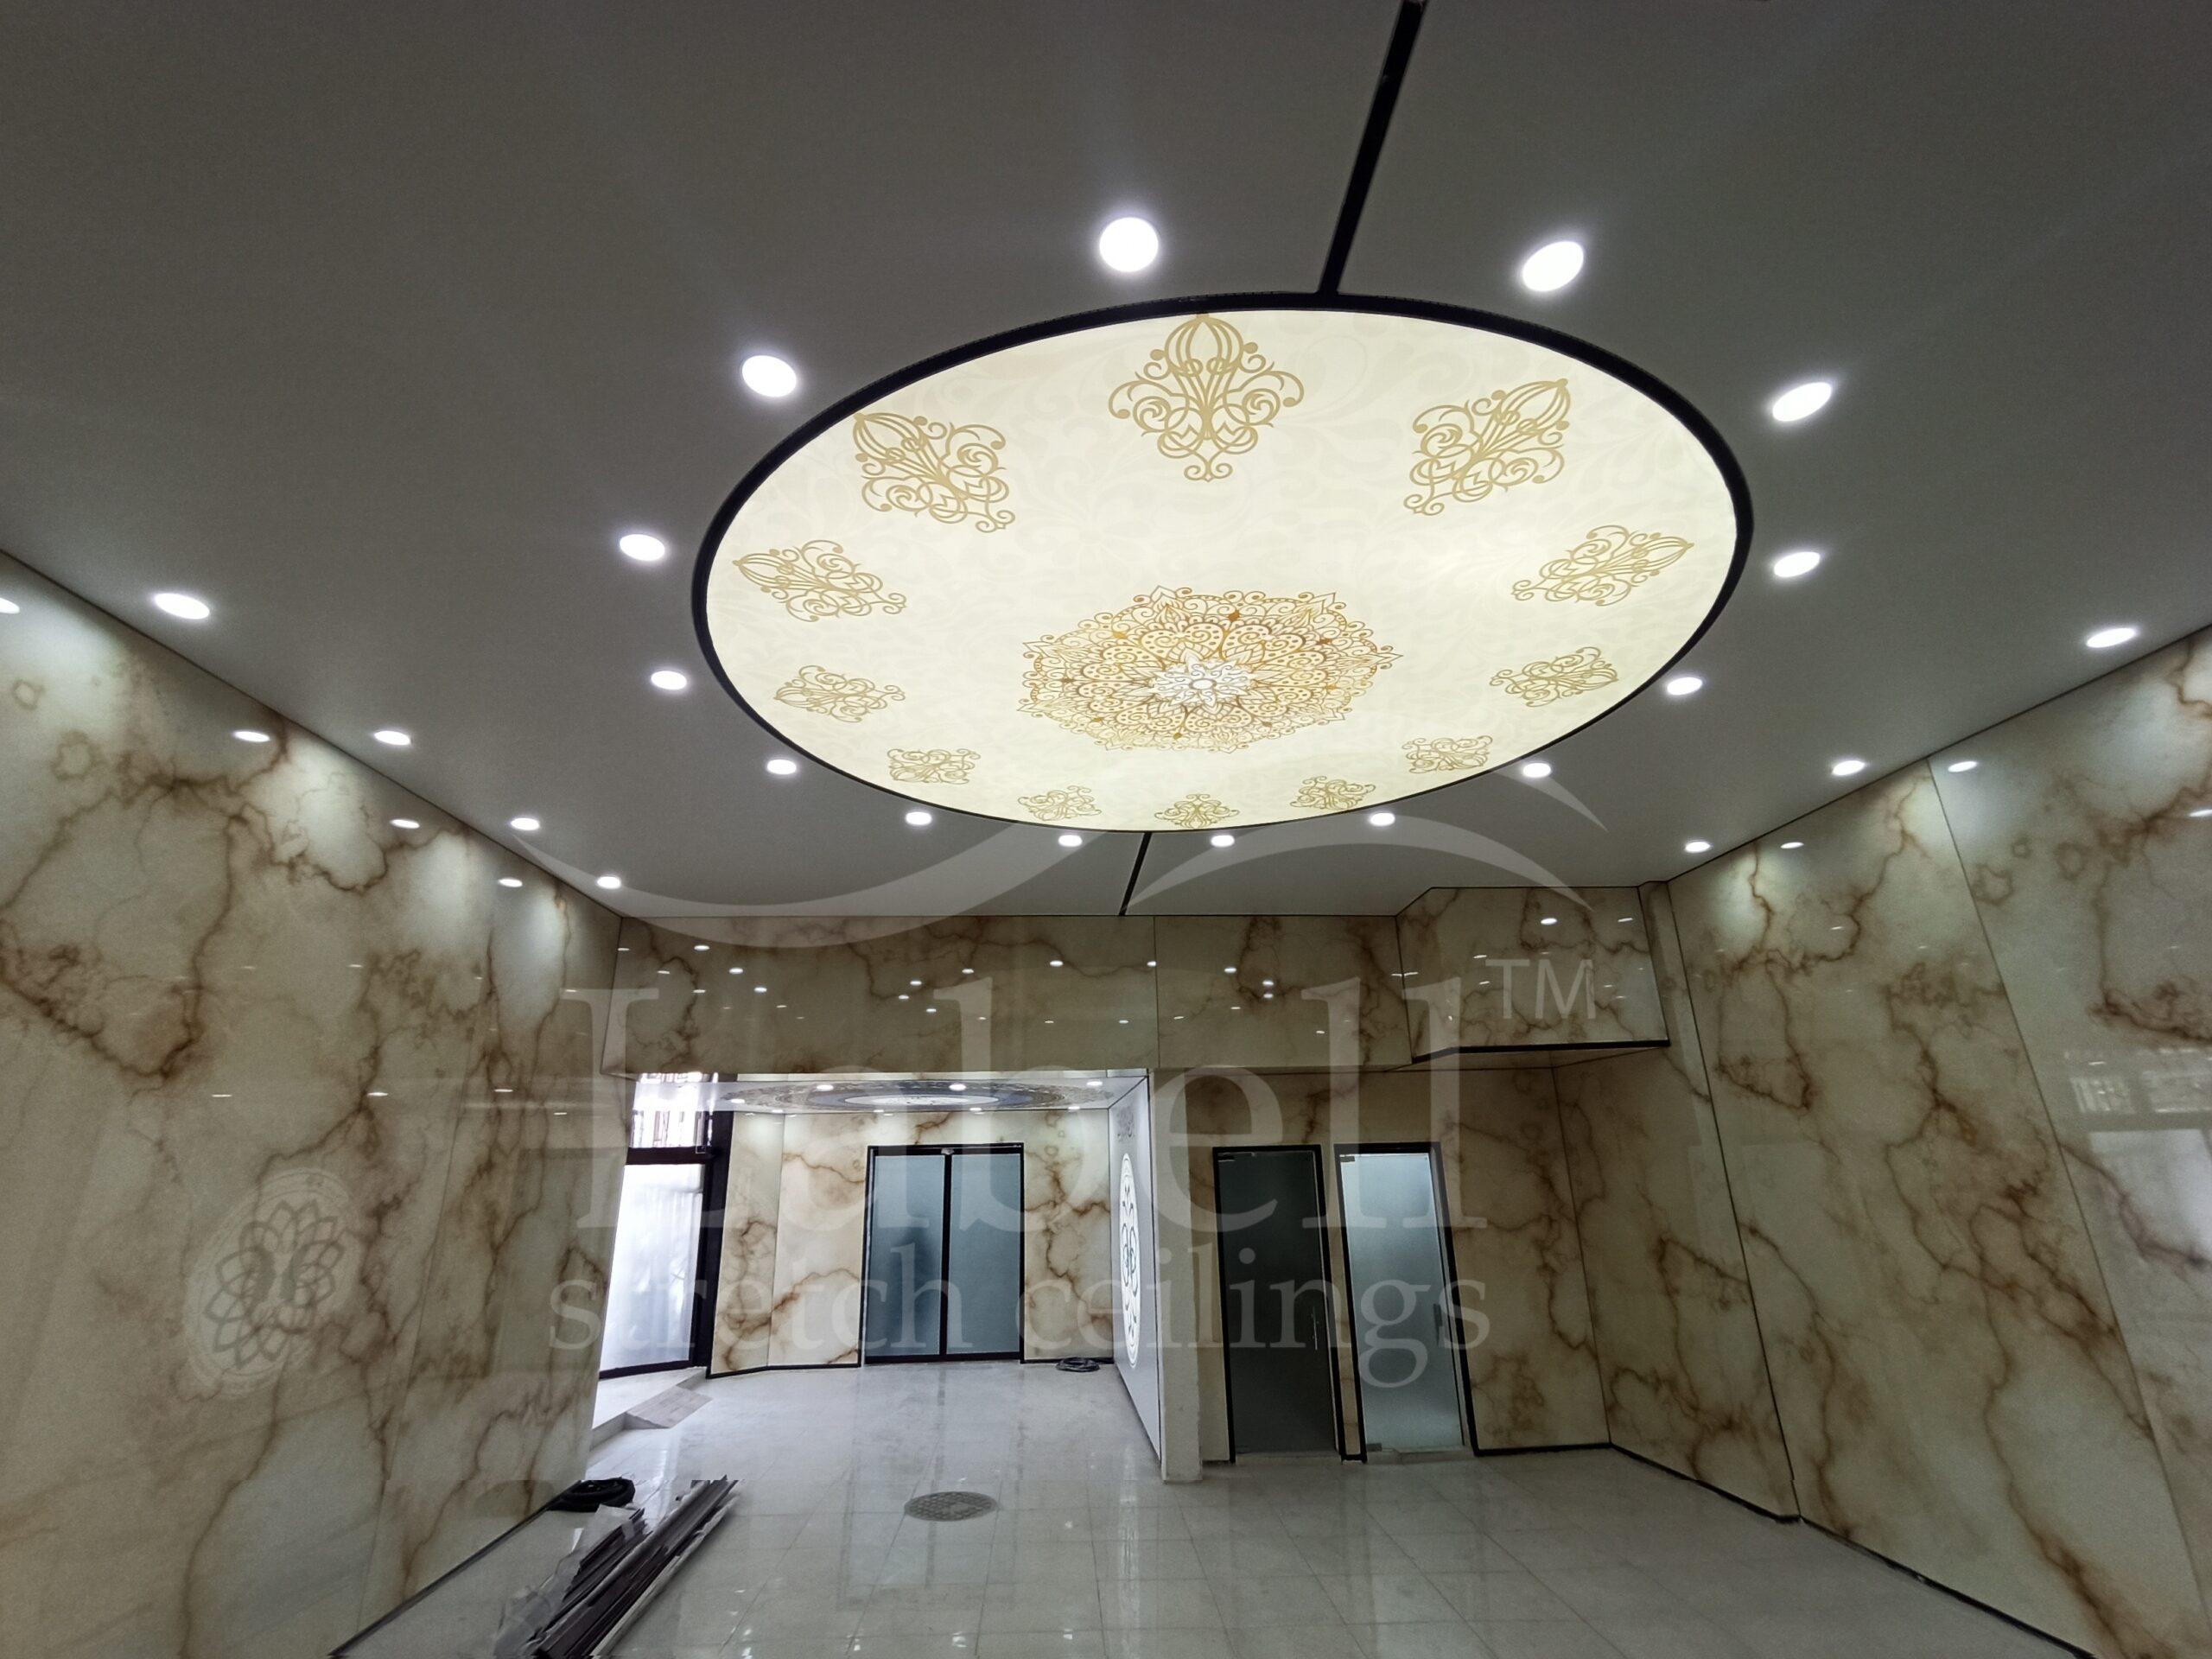 سقف کشسان بیمارستان 15 خرداد